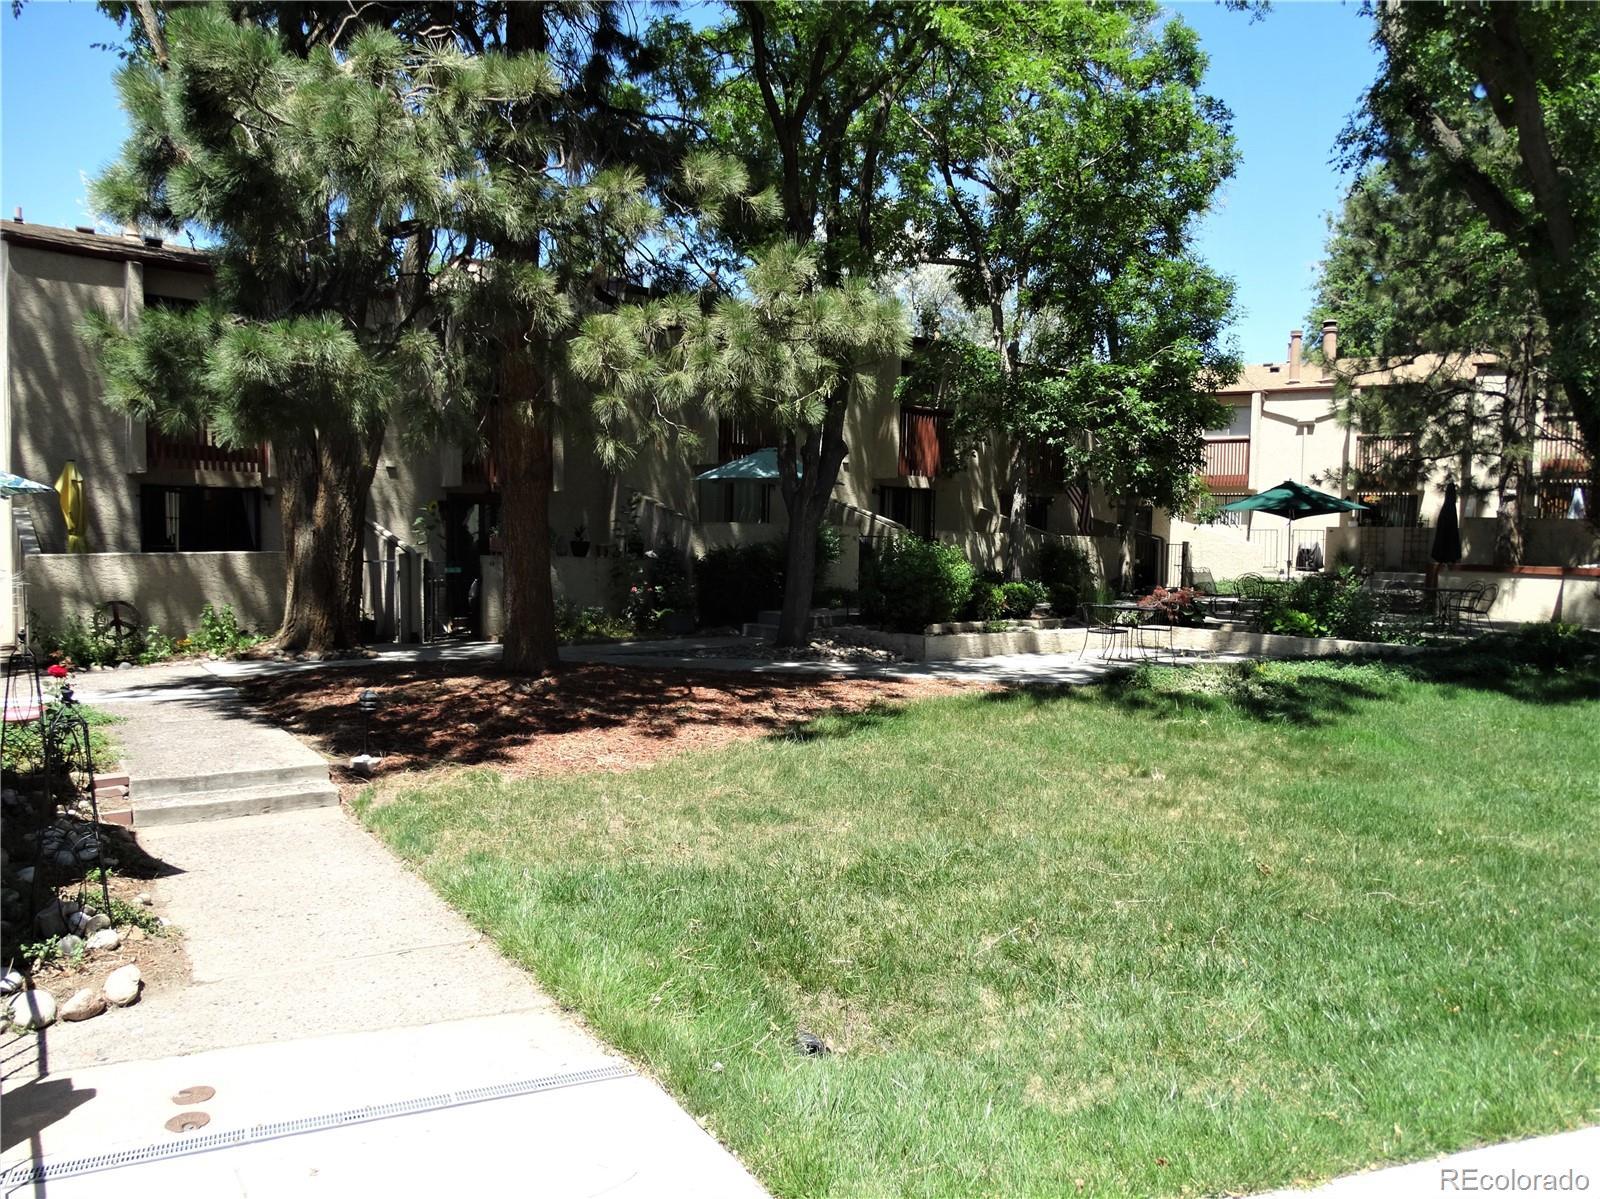 MLS# 1940540 - 3 - 1060 S Parker Road #14, Denver, CO 80231